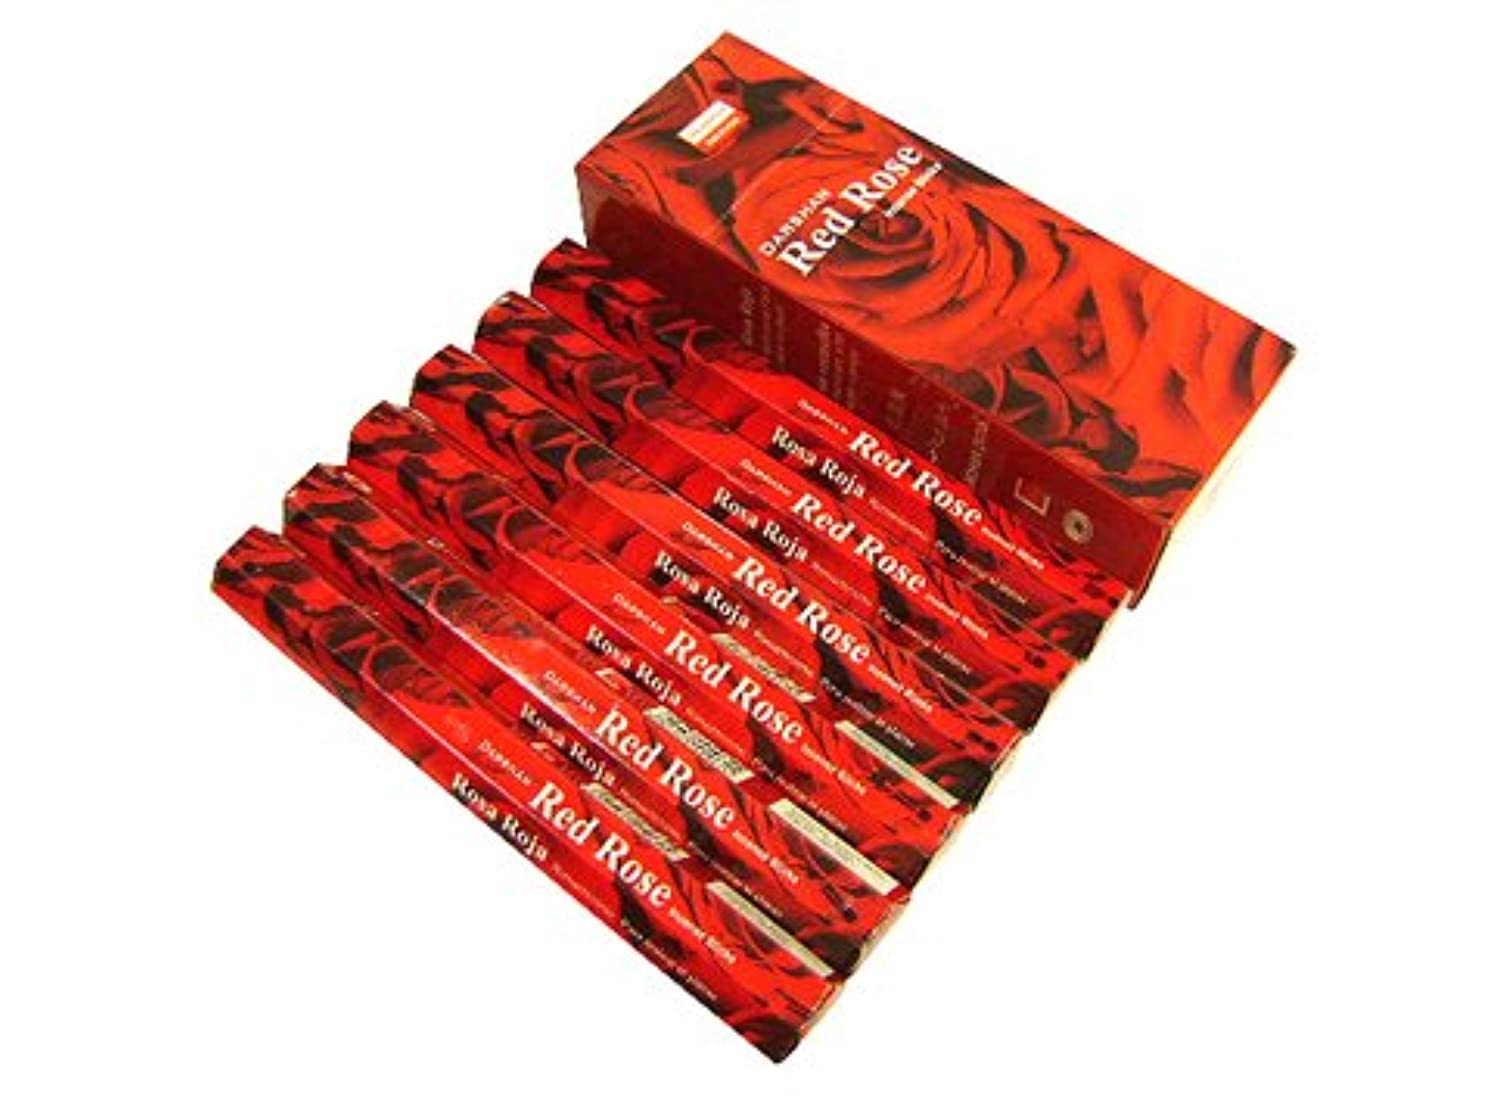 あえぎ解任休憩DARSHAN(ダルシャン) レッドローズ香 スティック RED ROSE 6箱セット